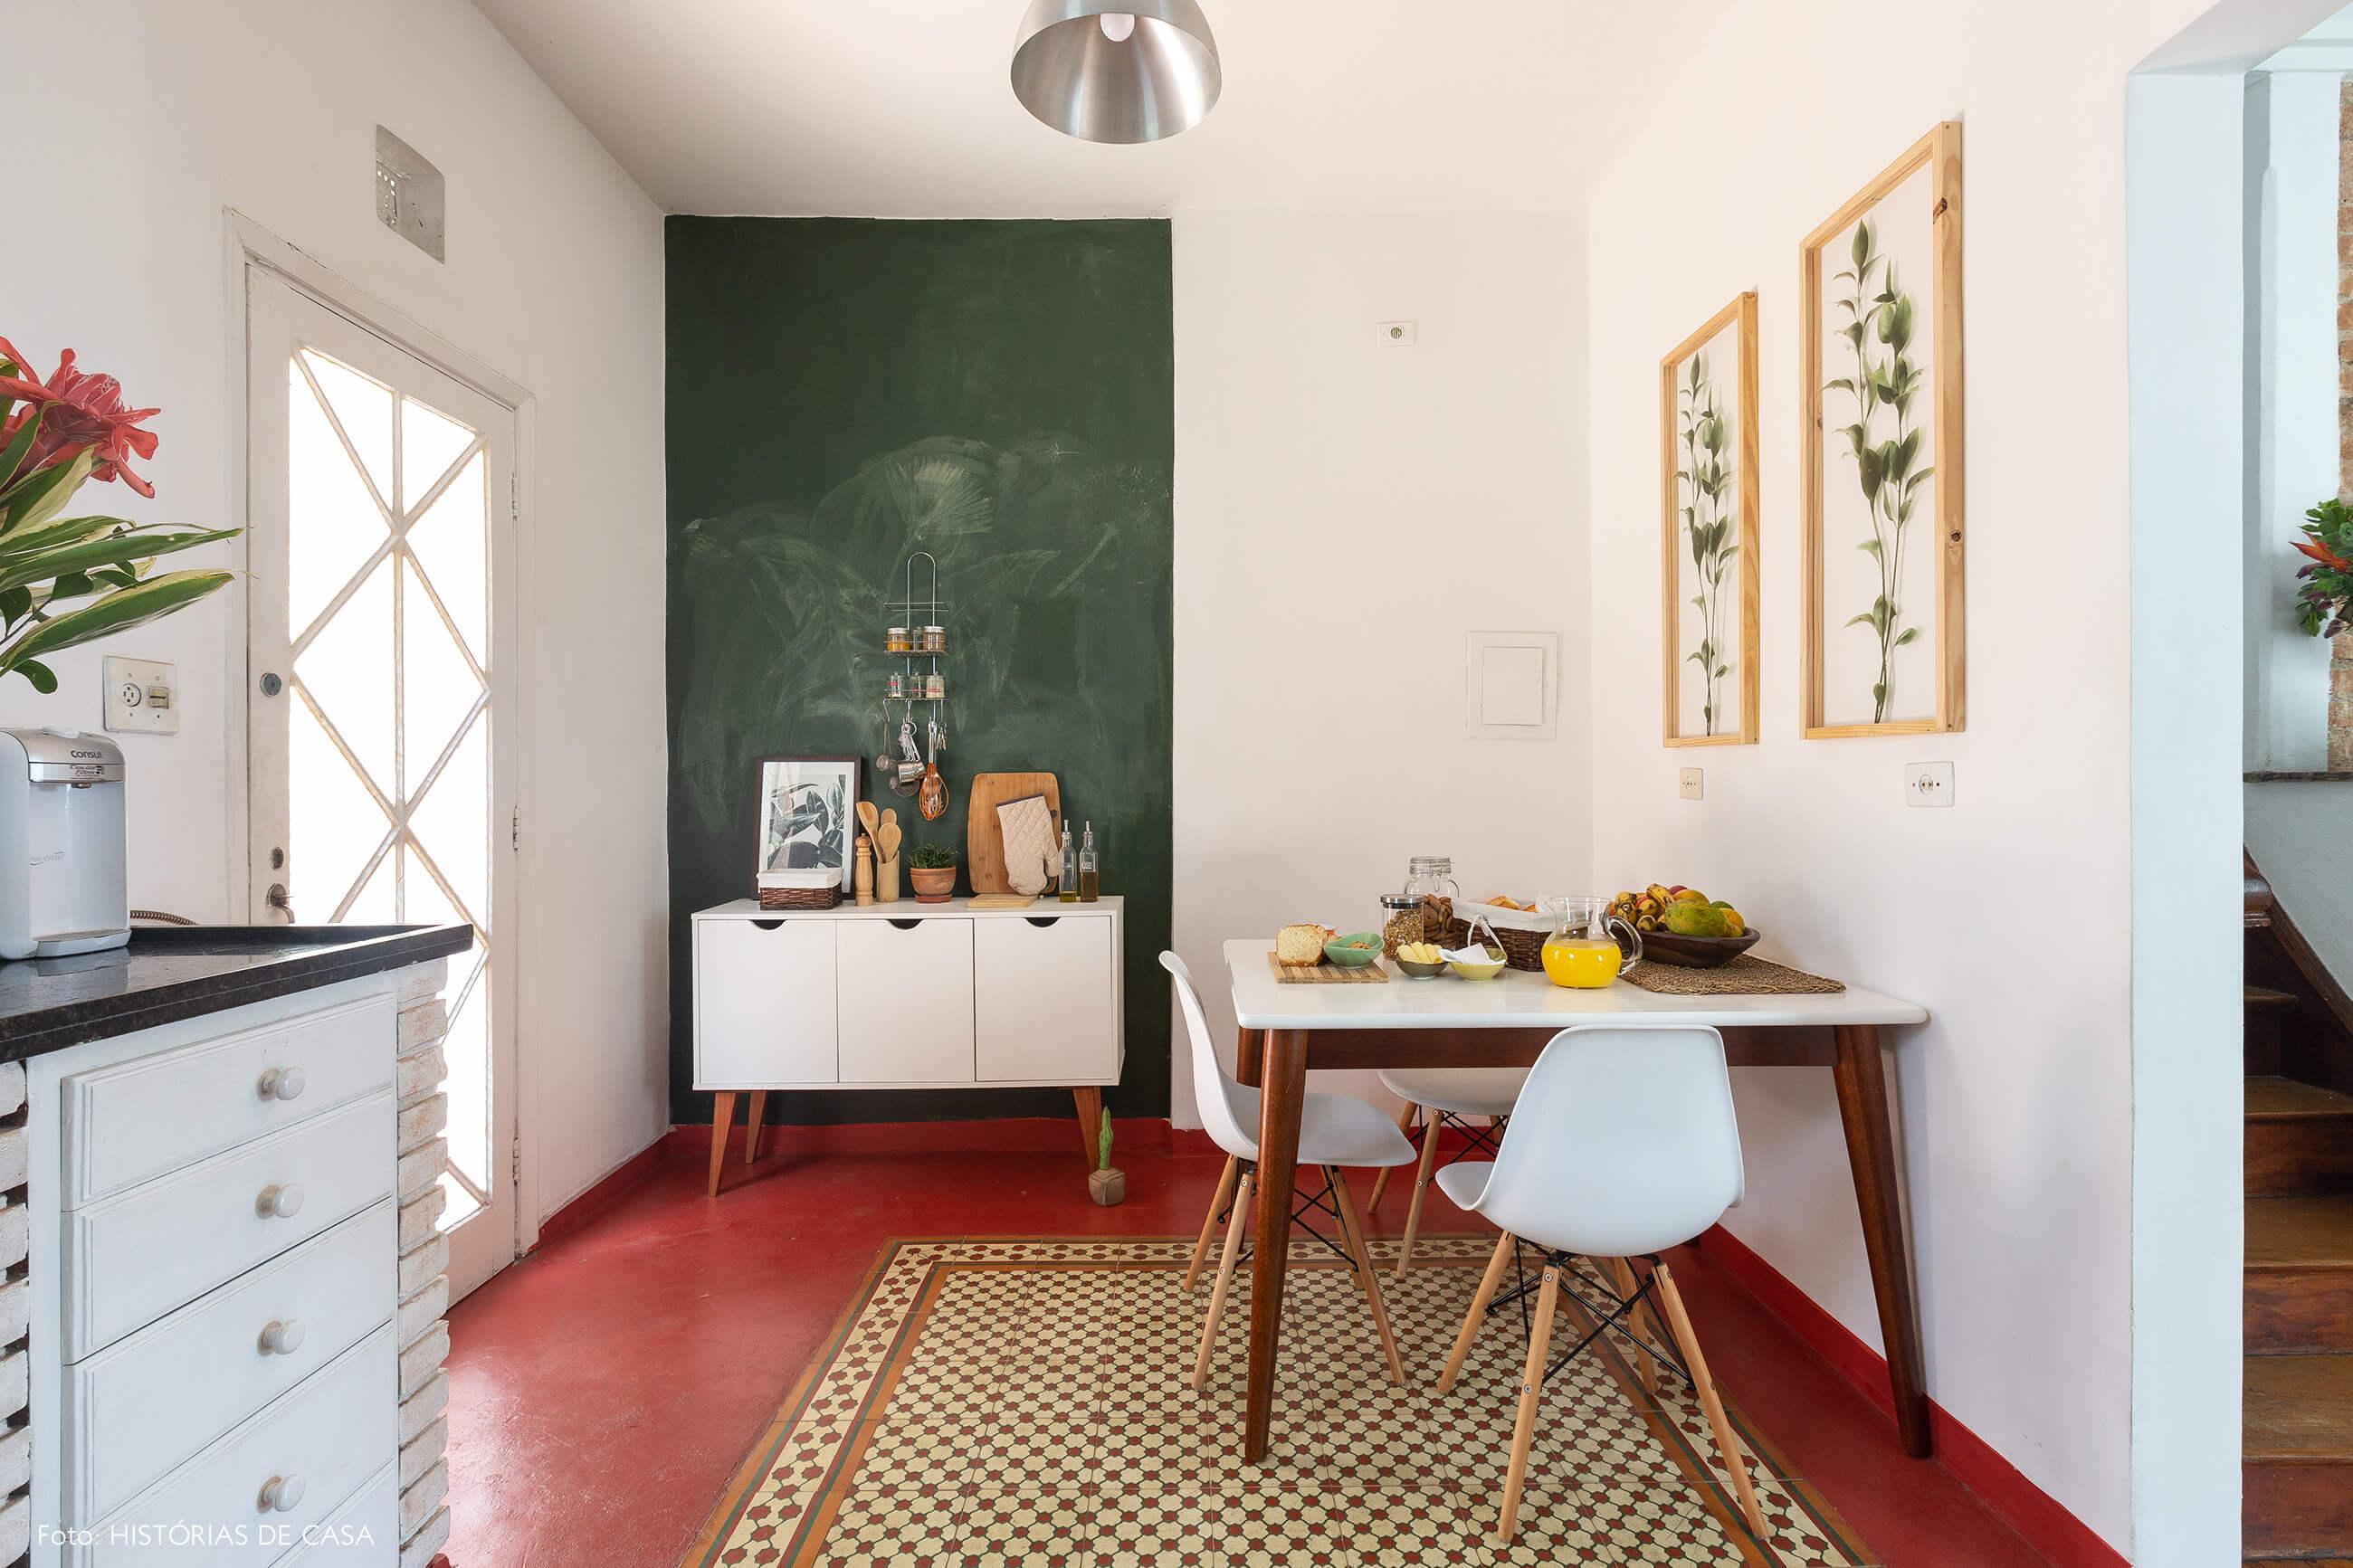 Cozinha de casa antiga com piso de ladrilhos e parede lousa